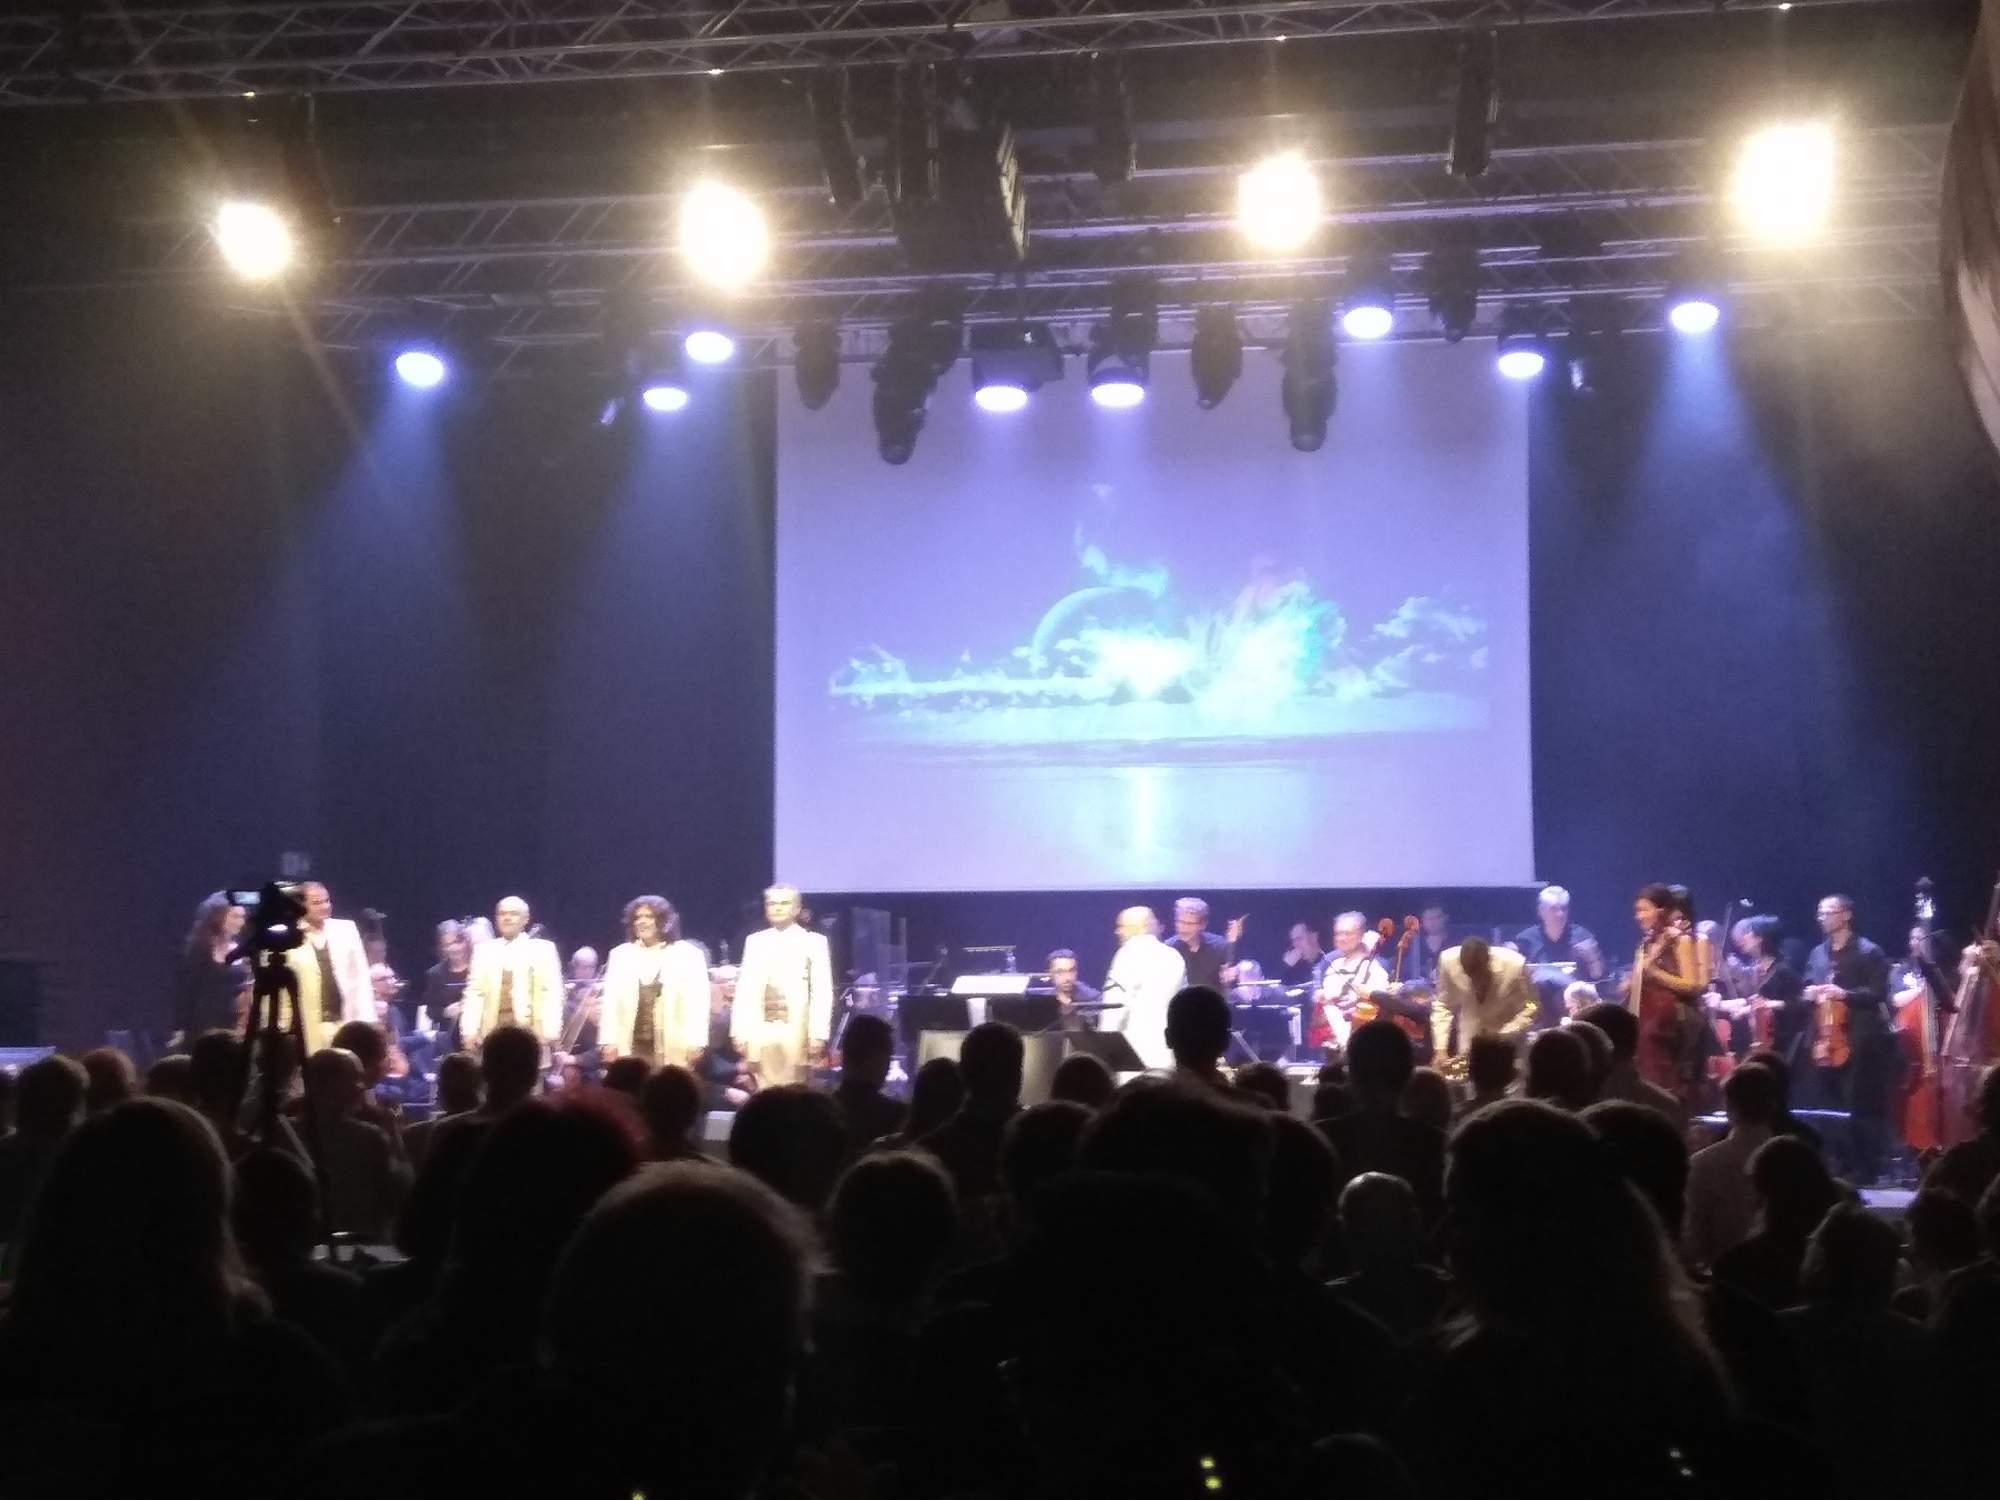 Koncert doplňovala vizuální projekce. Foto: Tereza Vlčková